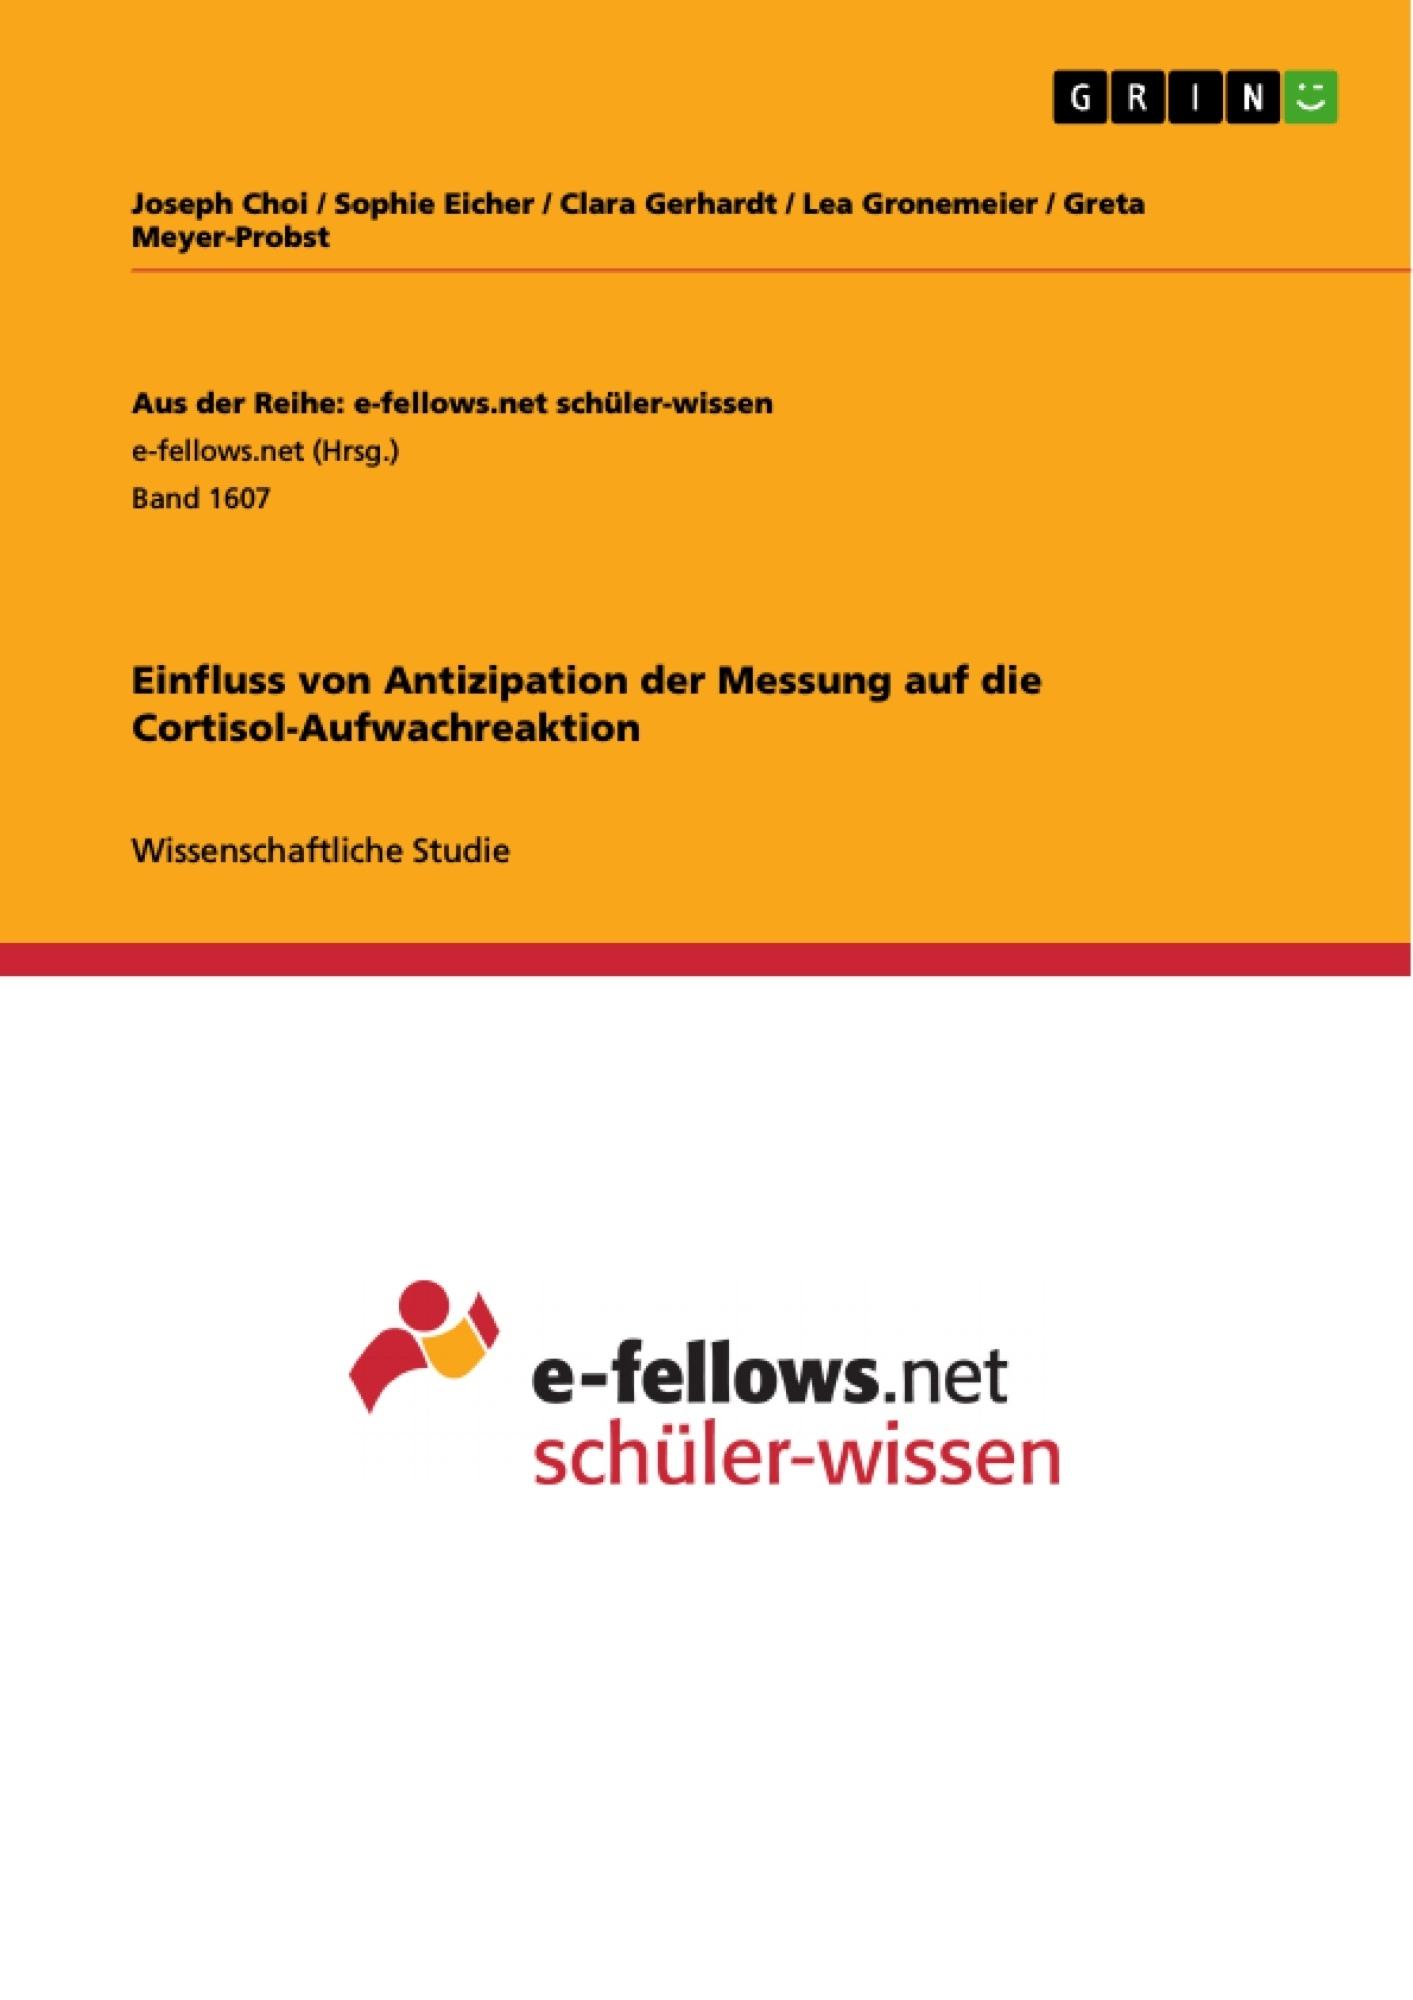 Titel: Einfluss von Antizipation der Messung auf die Cortisol-Aufwachreaktion